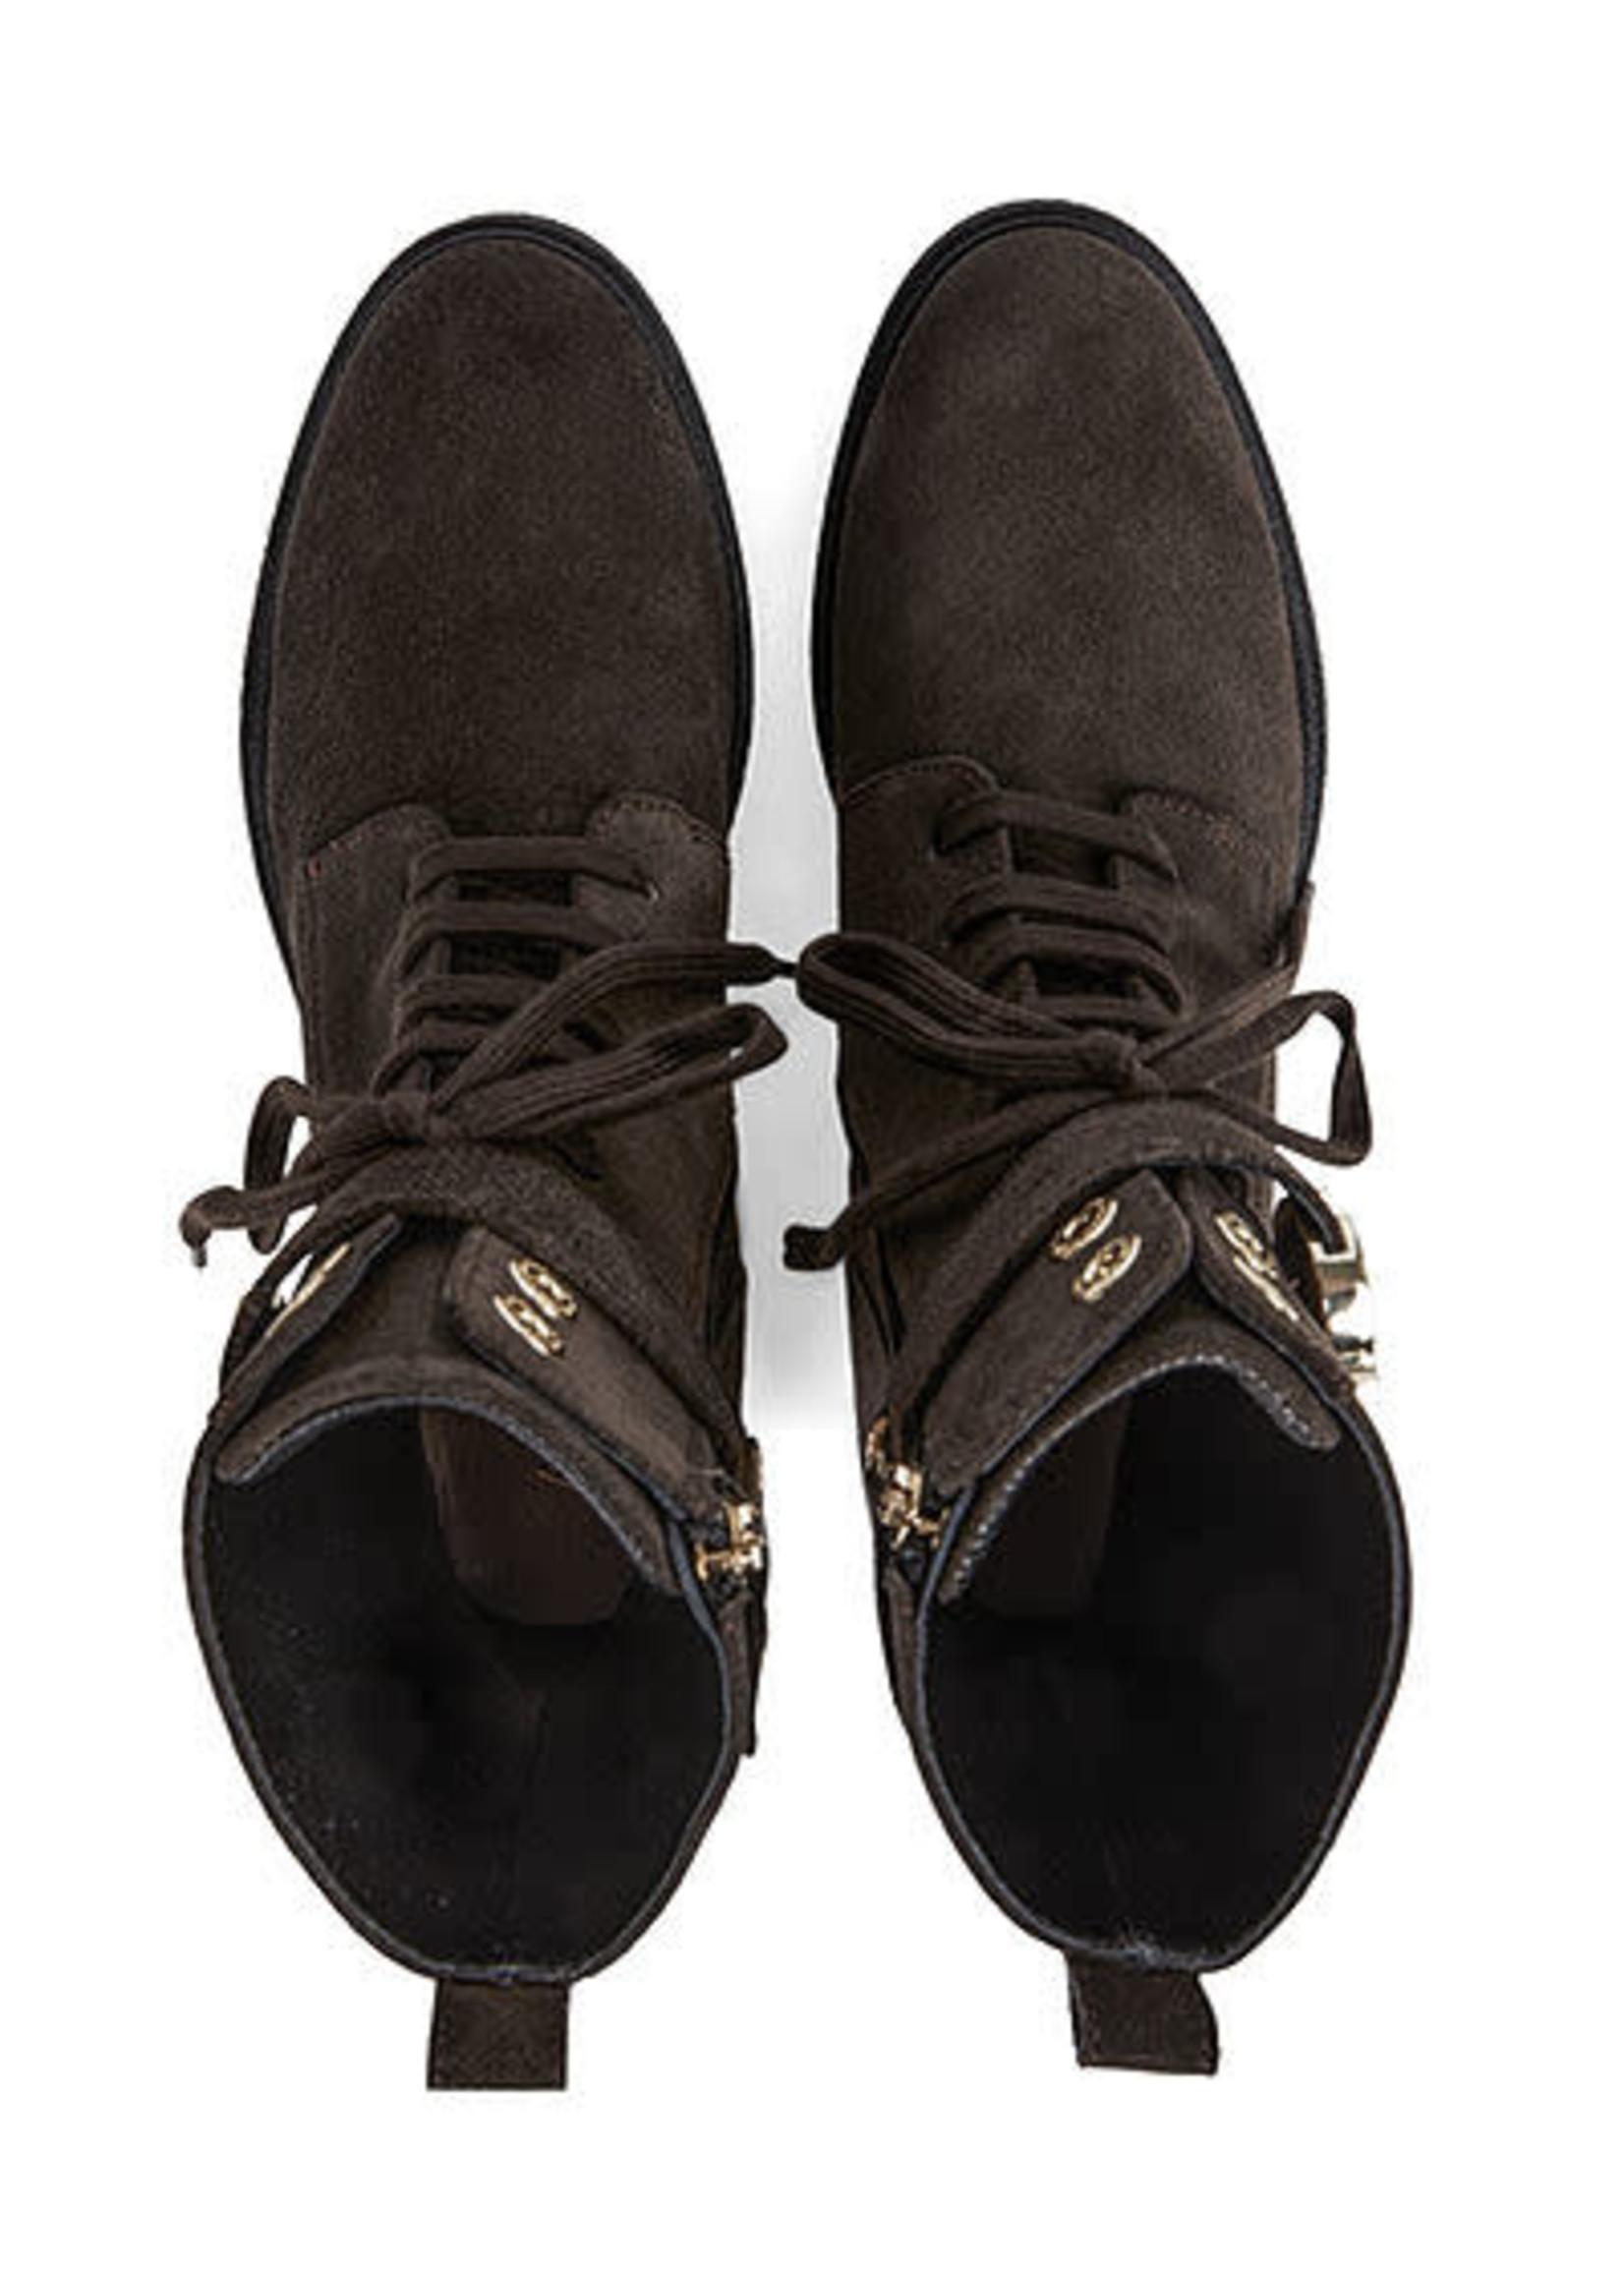 Marccain Bags & Shoes Enkel Laars RB SB.18 L22 moro